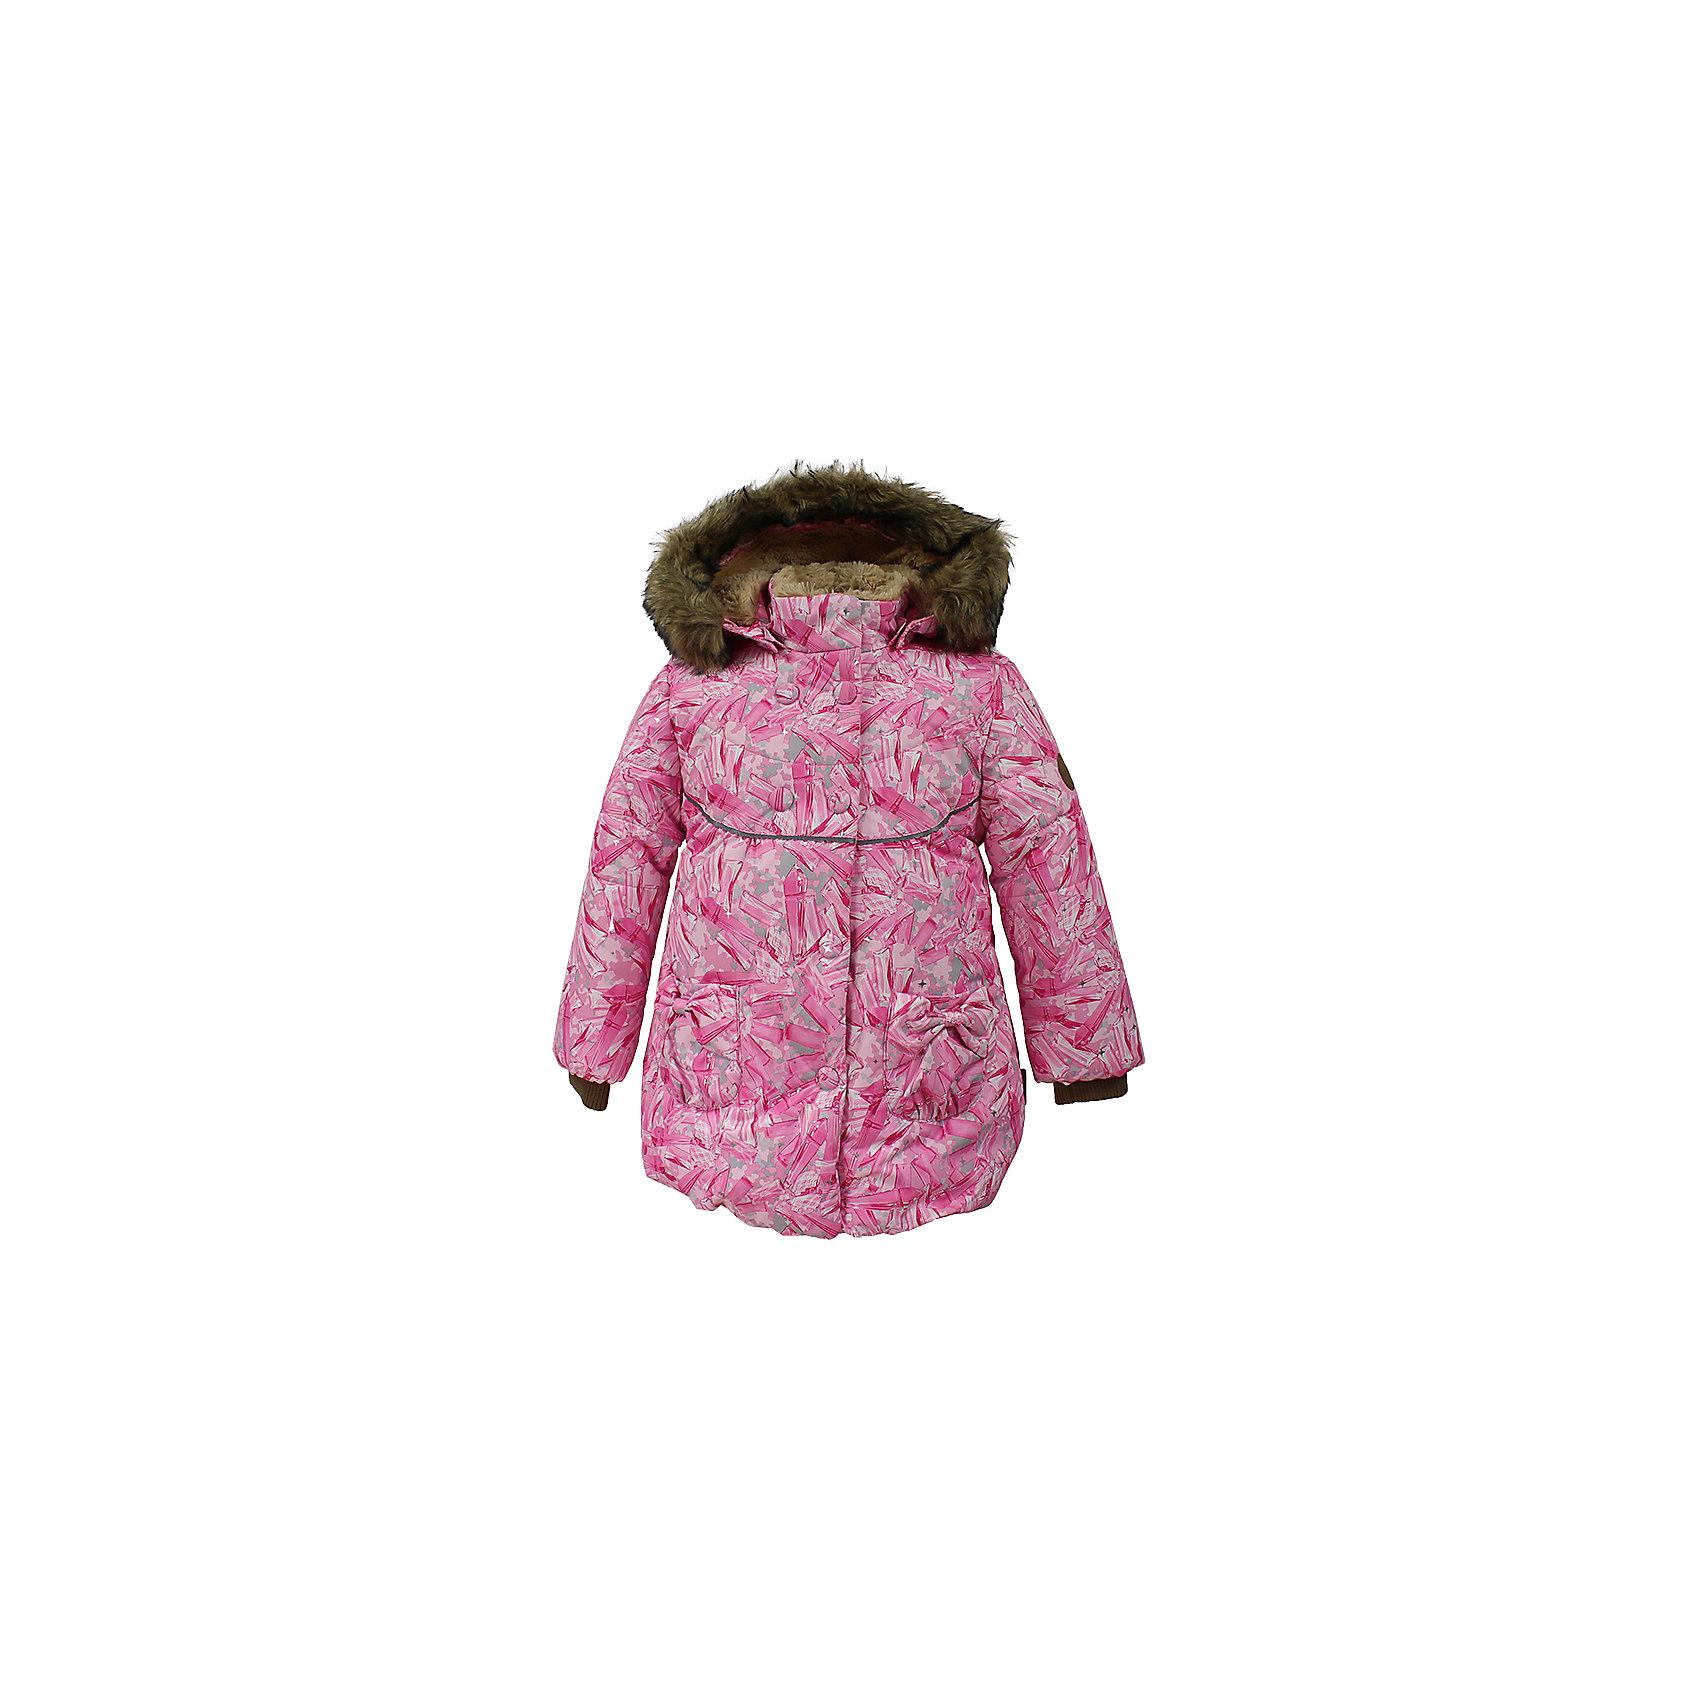 Куртка OLIVIA Huppa для девочкиВерхняя одежда<br>Характеристики товара:<br><br>• модель: Olivia;<br>• цвет: розовый;<br>• состав: 100% полиэстер;<br>• утеплитель: полиэстер,300 гр.;<br>• подкладка: Teddy Fur, тафта,полиэстер;<br>• сезон: зима;<br>• температурный режим: от -5 до - 30С;<br>• водонепроницаемость: 5000 мм;<br>• воздухопроницаемость: 5000 г/м2/24ч;<br>• особенности модели: c рисунком; с мехом на капюшоне;<br>• защитная планка молнии на кнопках;<br>• защита подбородка от защемления;<br>• мягкая меховая подкладка;<br>• безопасный капюшон крепится на кнопки и, при необходимости, отстегивается;<br>• искусственный мех на капюшоне съемный;<br>• спереди расположены два накладныхкармана, с декором в виде бантиков;<br>• светоотражающие элементы для безопасности ребенка;<br>•  трикотажные манжеты; <br>• страна бренда: Финляндия;<br>• страна изготовитель: Эстония.<br><br>Зимняя куртка с капюшоном Olivia для девочки изготовлена из водо и ветронепроницаемого, грязеотталкивающего материала. В куртке Olivia 300 грамм утеплителя, которые обеспечат тепло и комфорт ребенку при температуре от -5 до -30 градусов.Подкладка —Teddy Fur,тафта.<br><br>Функциональные элементы: капюшон отстегивается с помощью кнопок, мех отстегивается, защитная планка молнии на кнопках, защита подбородка от защемления, мягкая меховая подкладка, карманы без застежек, трикотажные манжеты, светоотражающие элементы. <br><br>Куртку Olivia для девочки бренда HUPPA  можно купить в нашем интернет-магазине.<br><br>Ширина мм: 356<br>Глубина мм: 10<br>Высота мм: 245<br>Вес г: 519<br>Цвет: розовый<br>Возраст от месяцев: 60<br>Возраст до месяцев: 72<br>Пол: Женский<br>Возраст: Детский<br>Размер: 116,122,110,80,86,92,98,104<br>SKU: 7024855